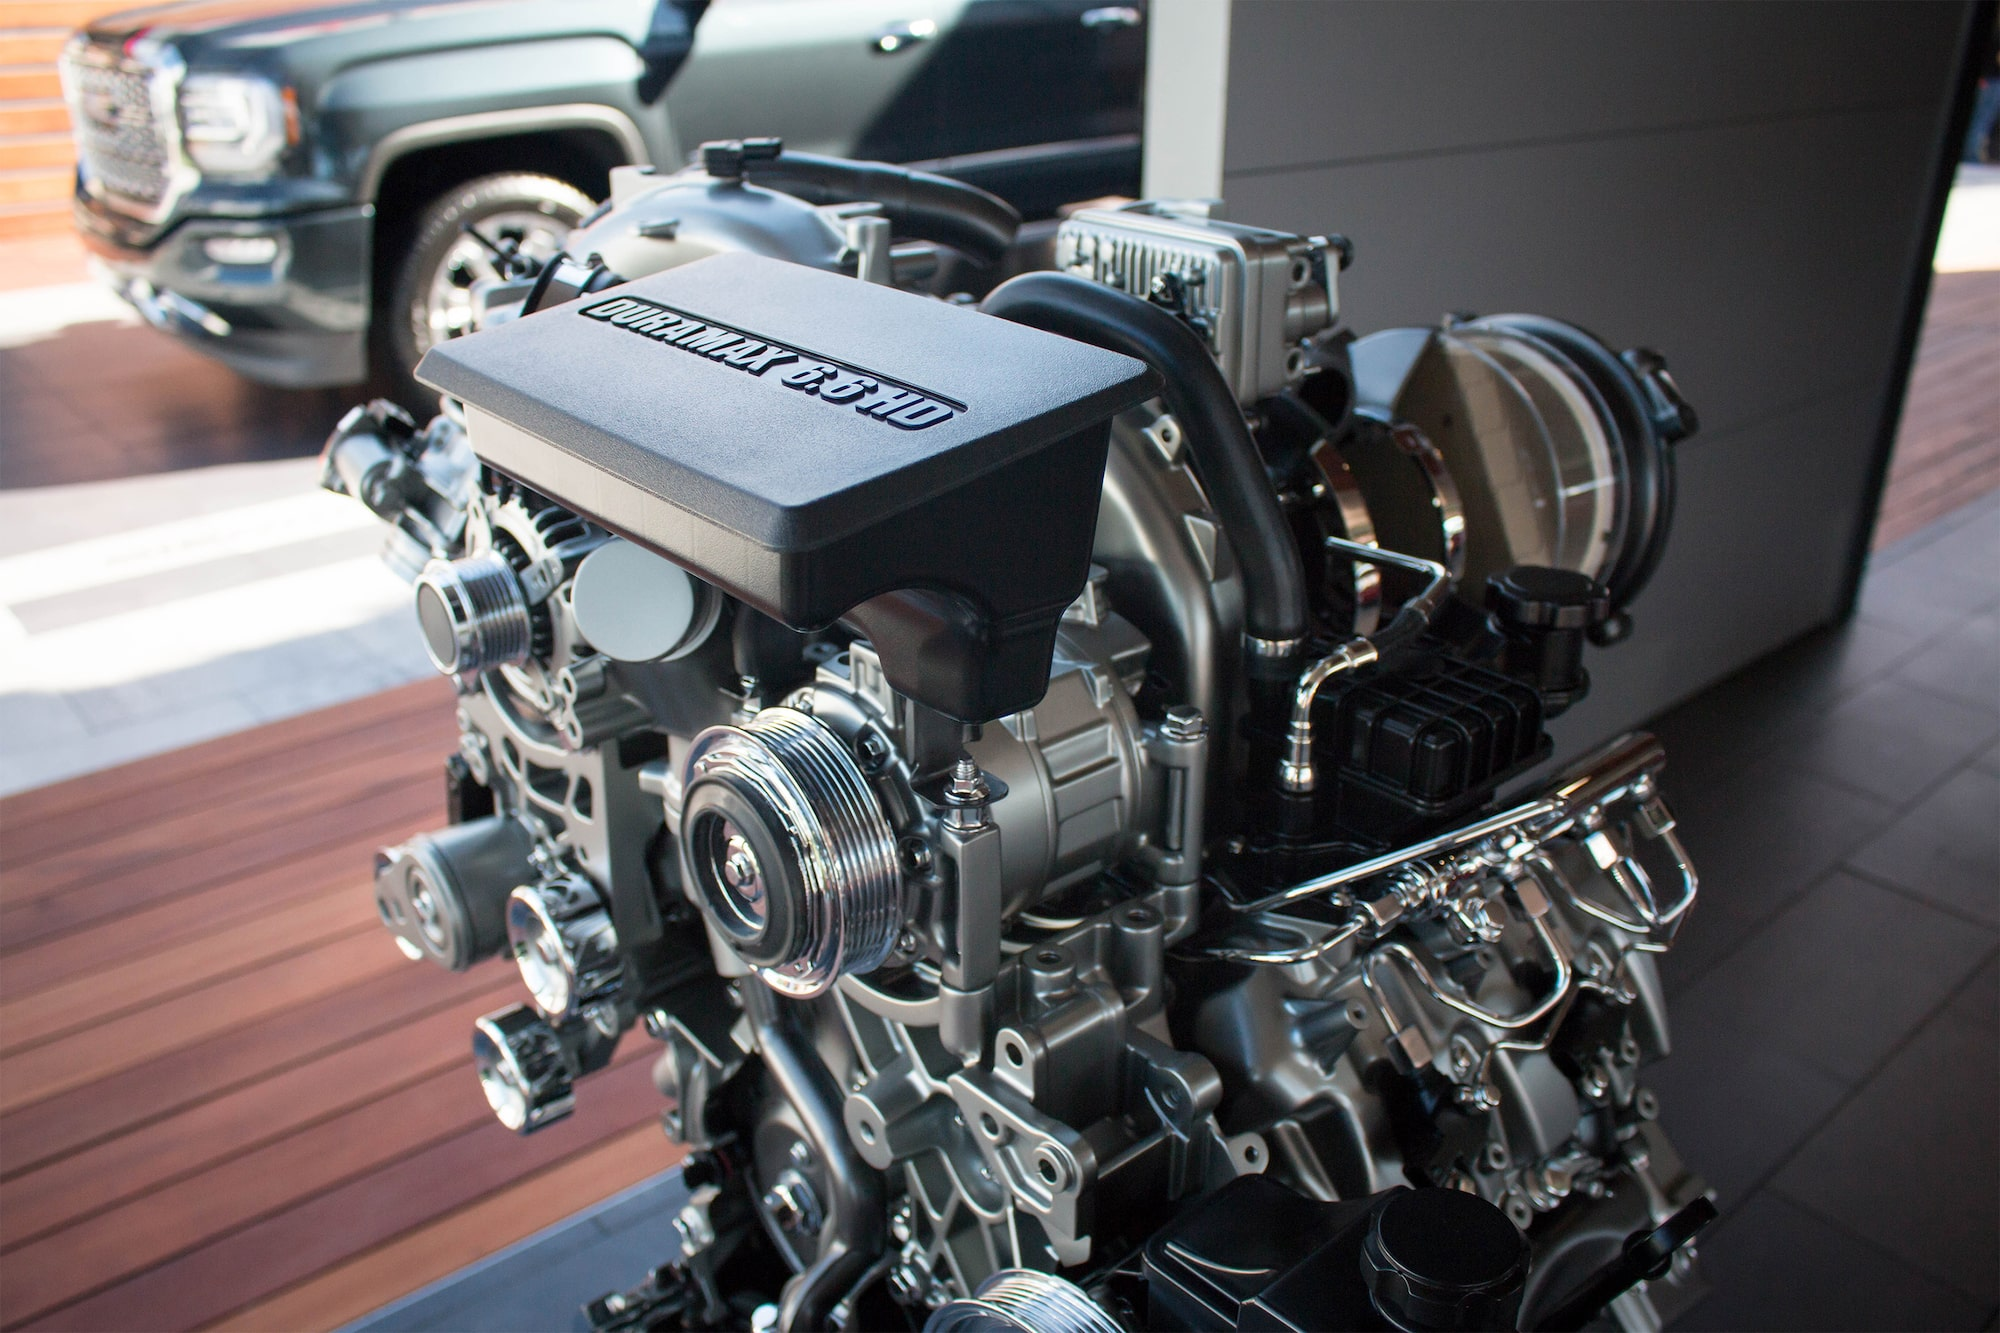 gmc life duramax diesel engine  [ 1268 x 845 Pixel ]